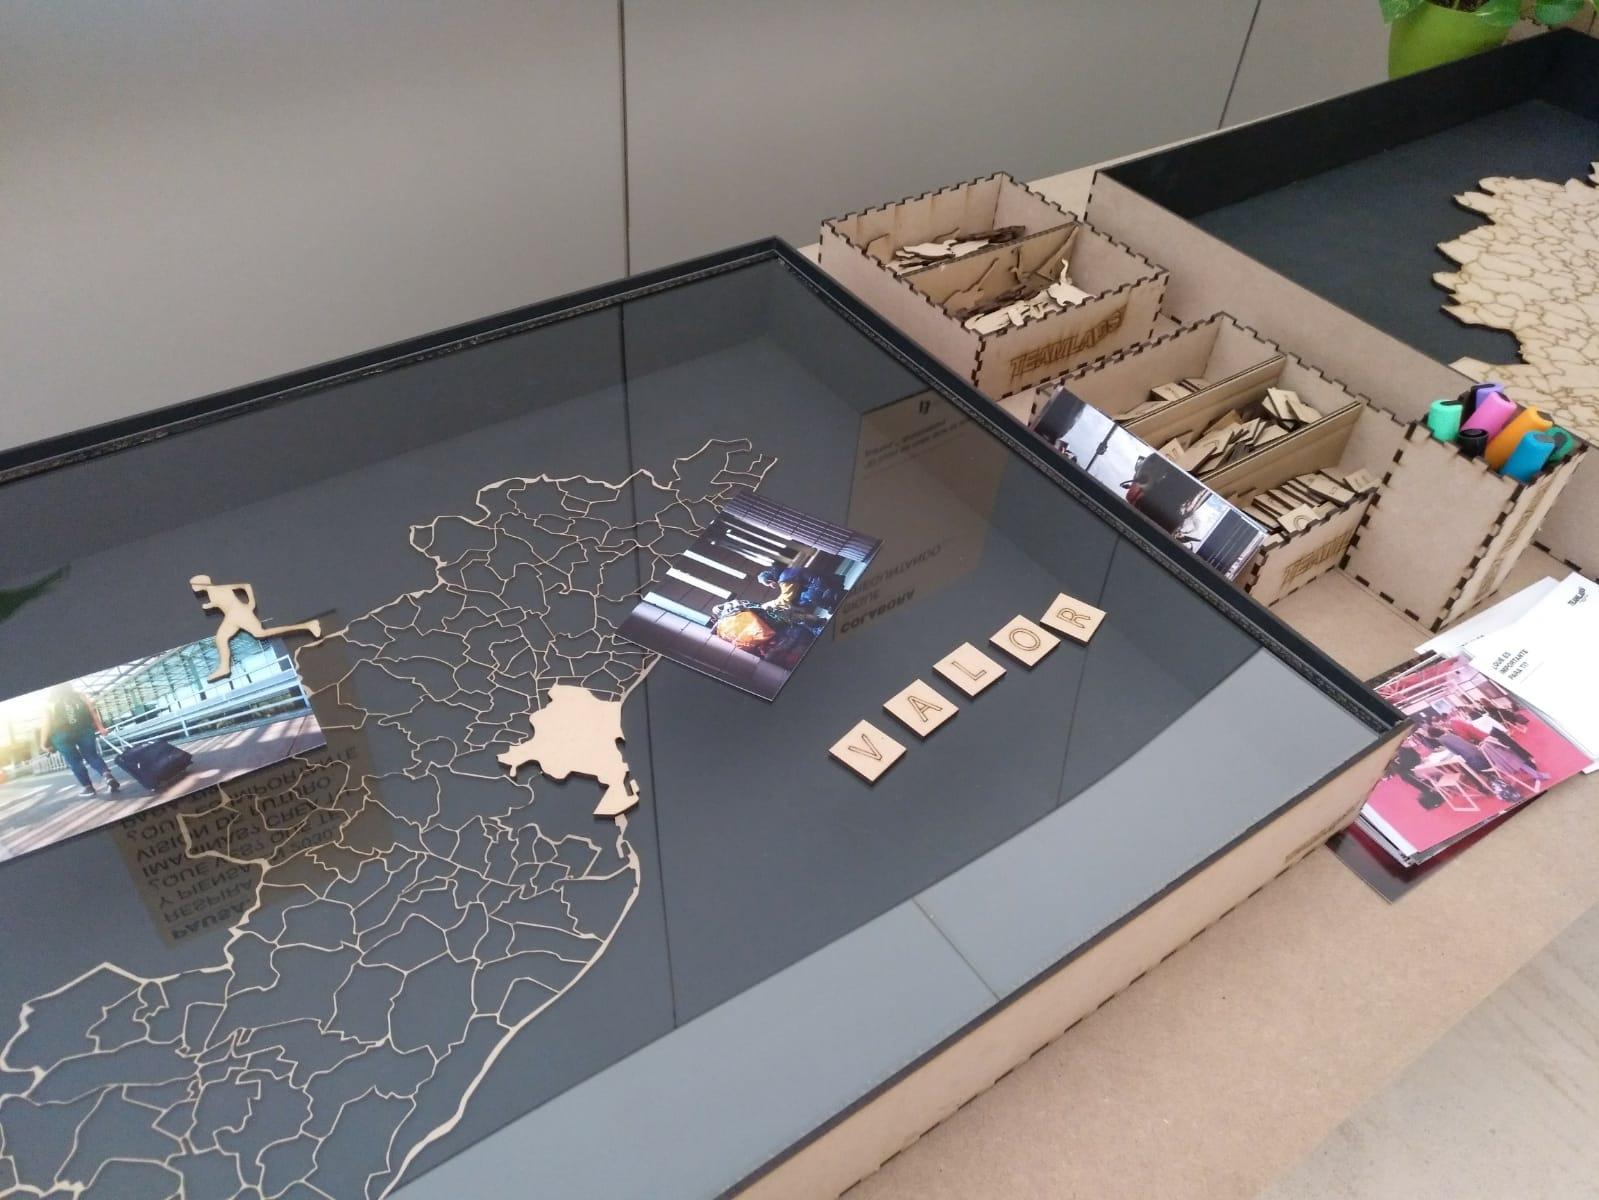 Más ejemplos de prototipos nacidos de la colaboración PEMB-Teamlabs